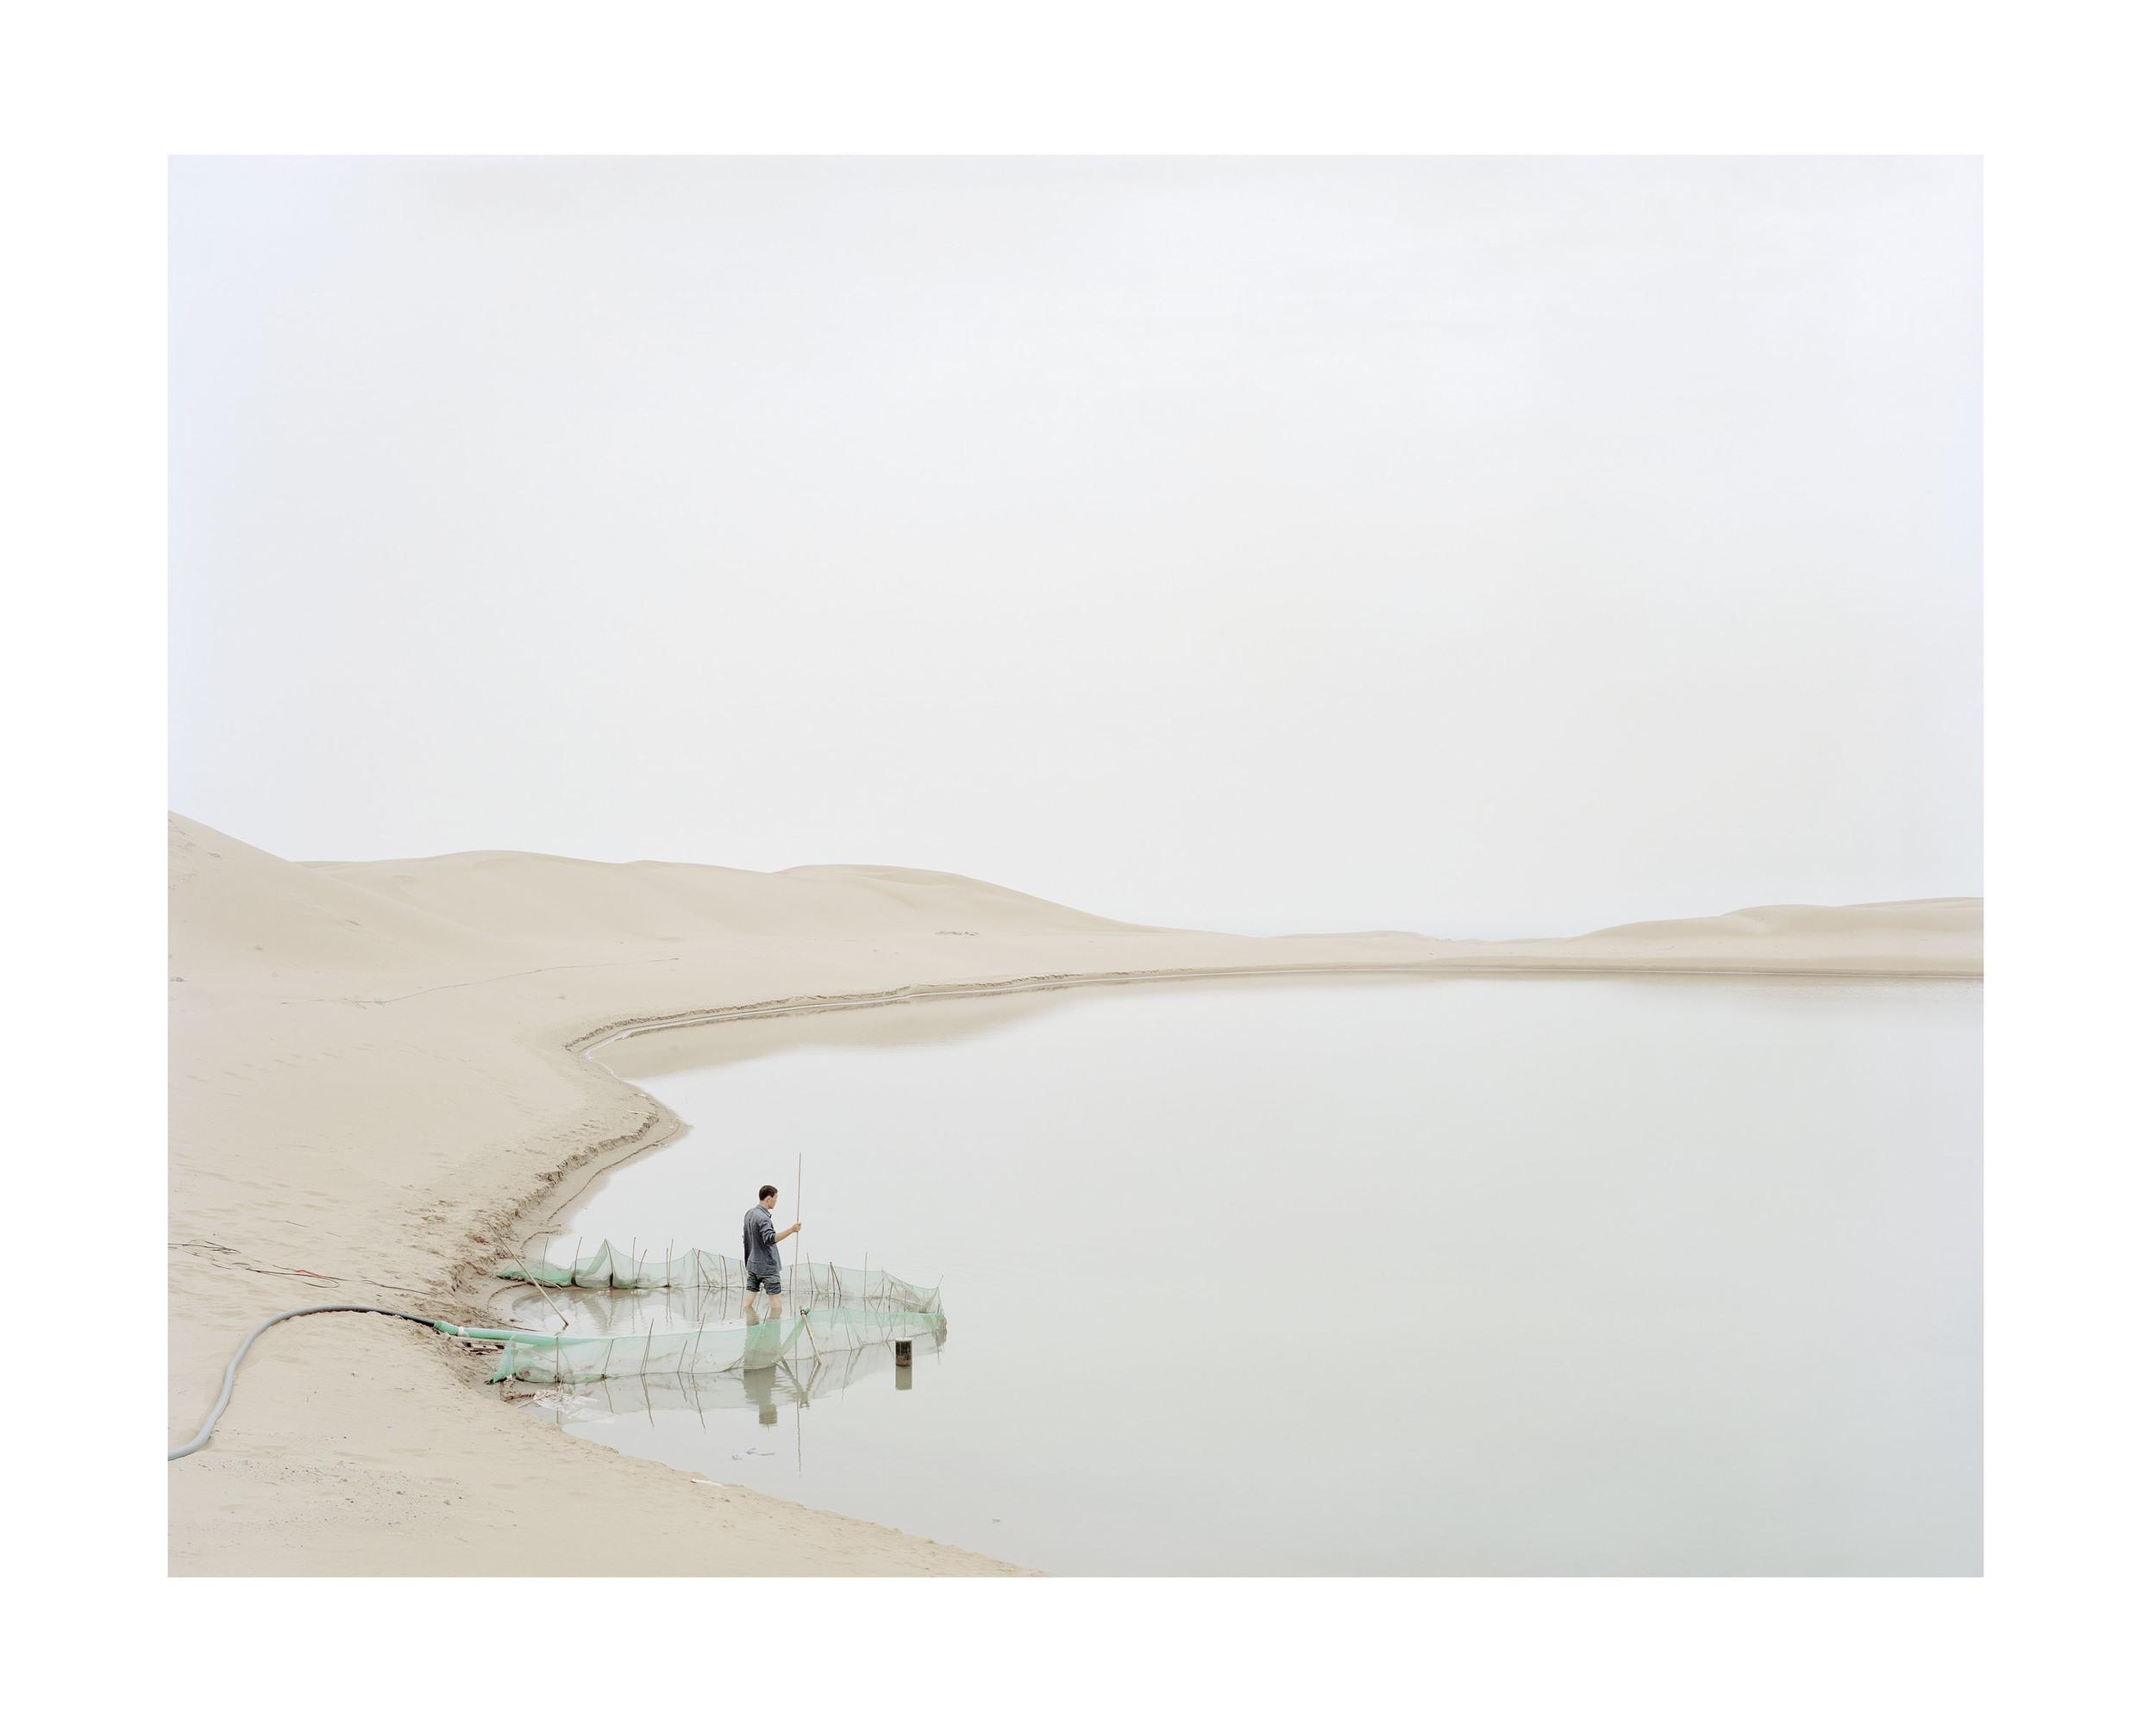 向沙漠抽水的人, 寧夏, 2011            售罄